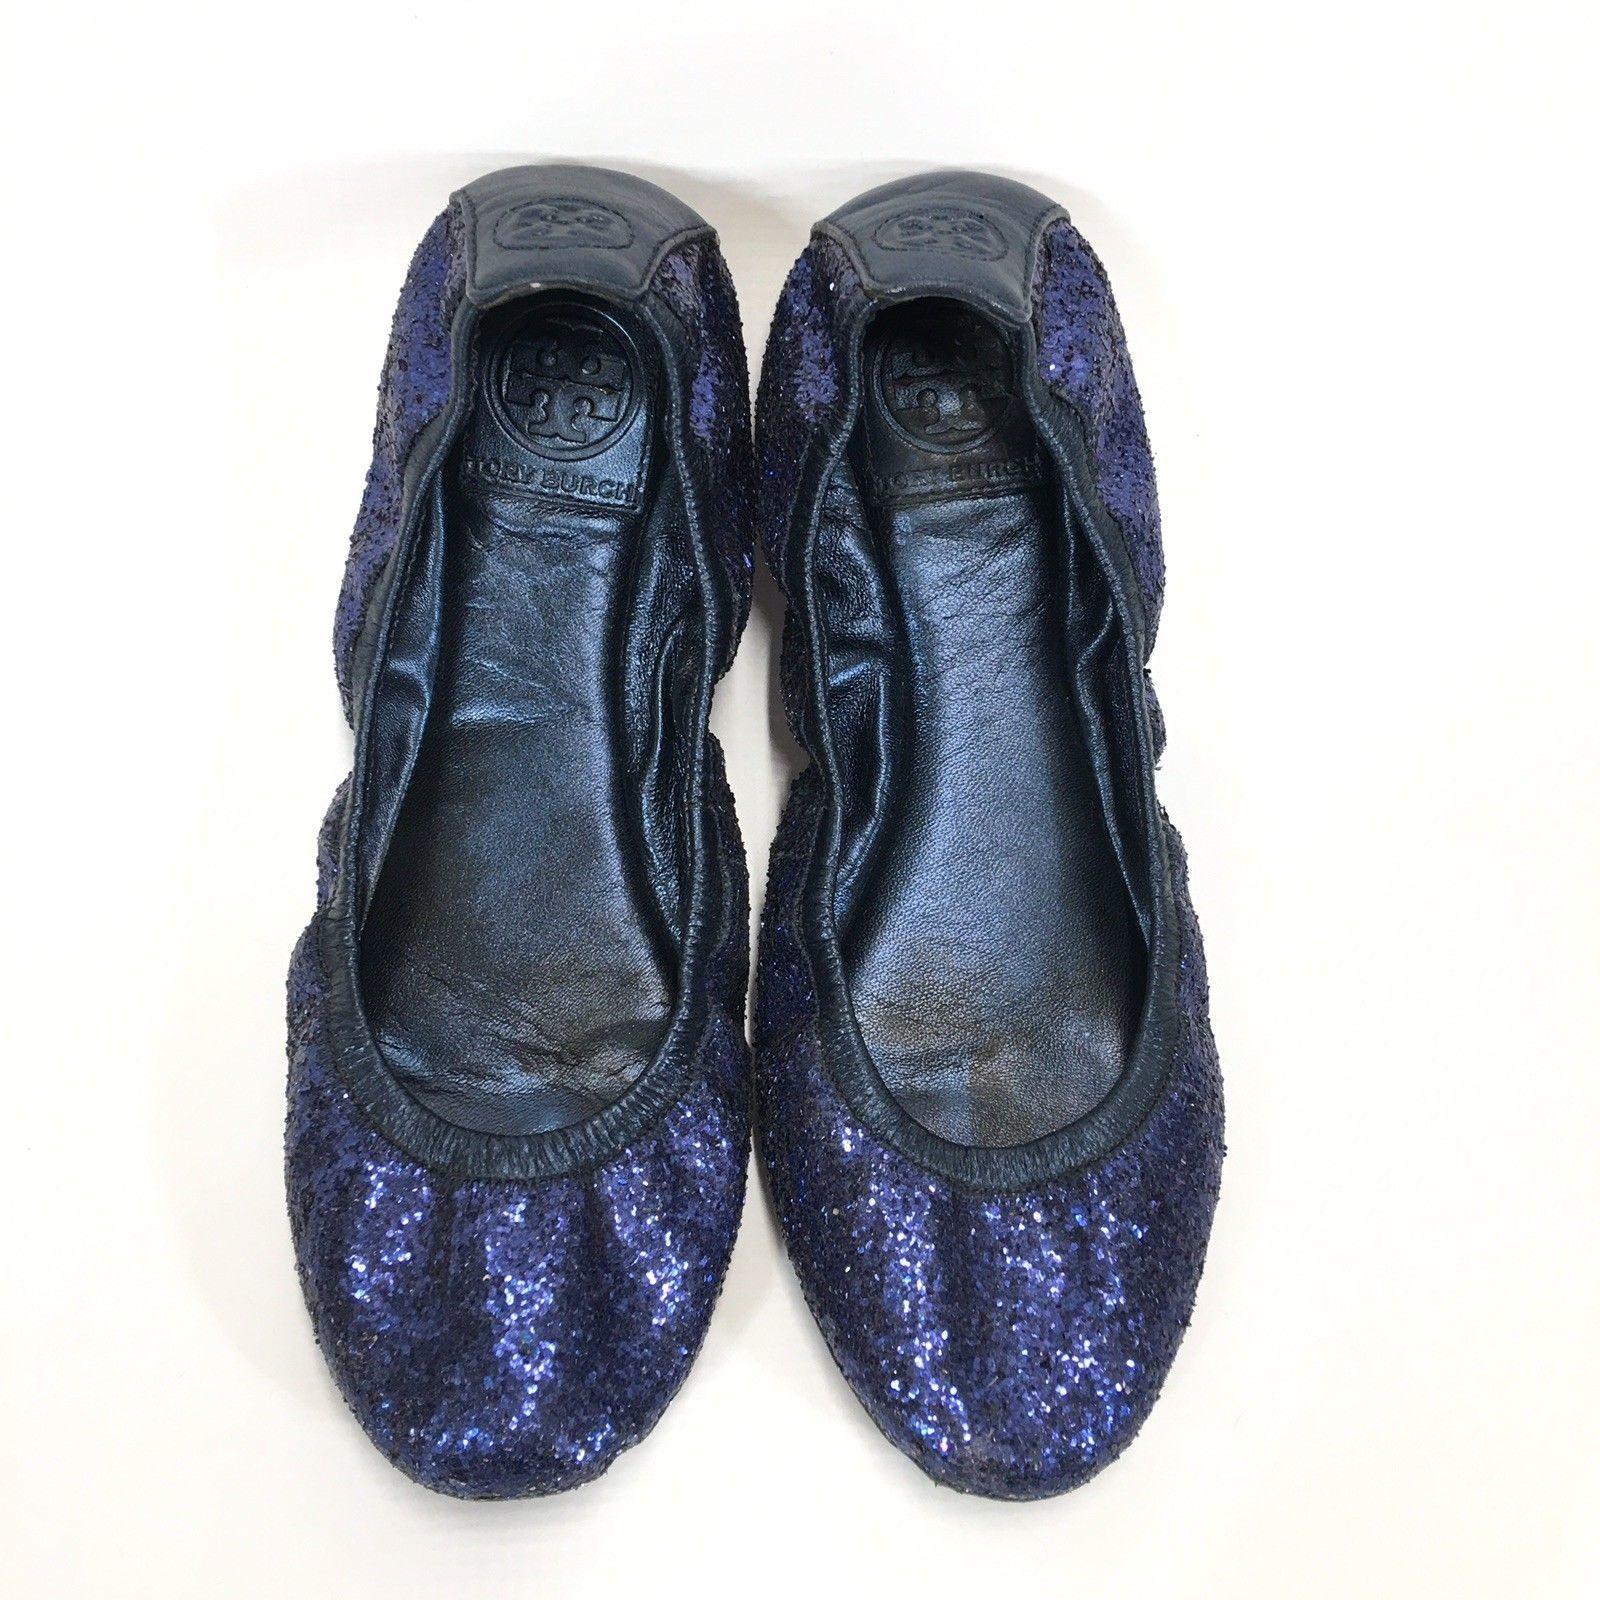 7ce51ef8d0e57 Tory Burch Blue Glitter Ballet Flat Womans 8 Medium Eddie -  38.65